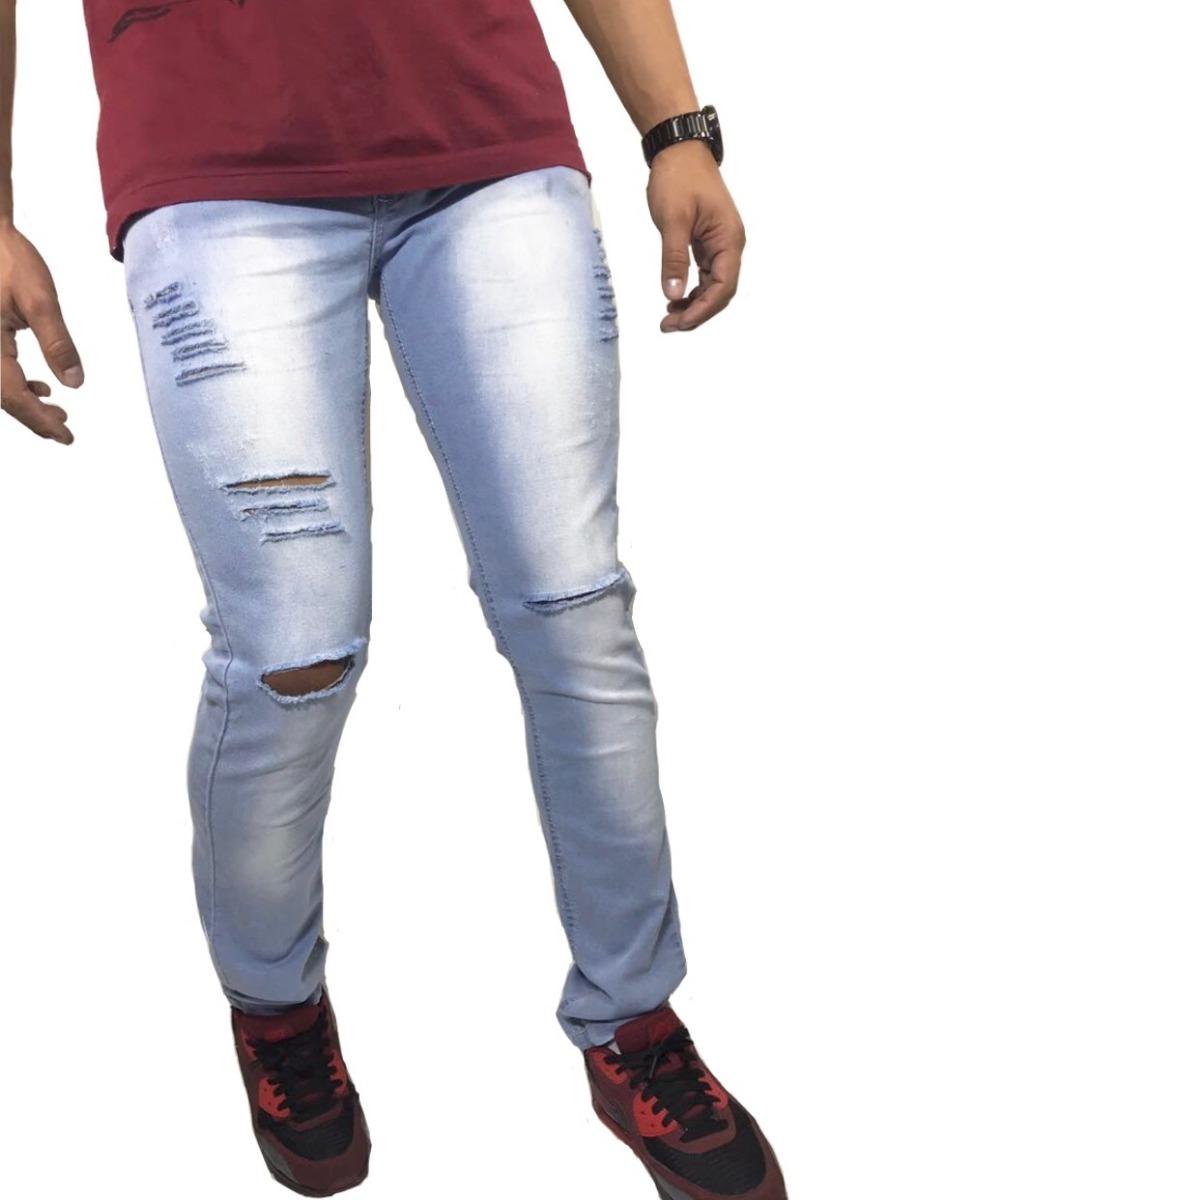 4155ab98a8 calça jeans azul clara de homem rasgada destroyed moda 2019. Carregando  zoom.